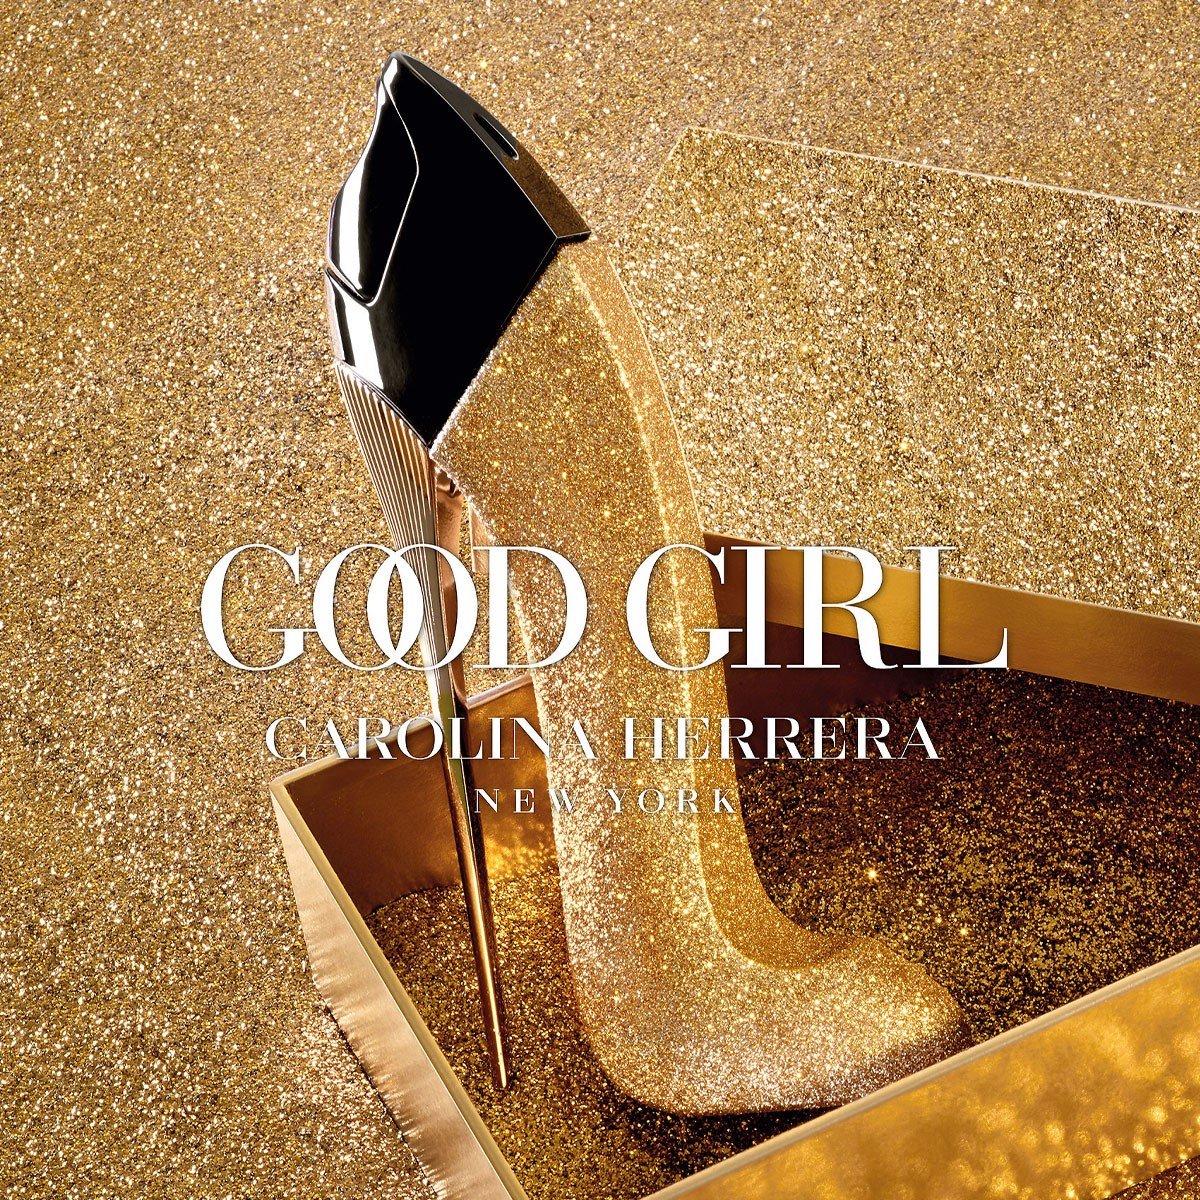 carolina herrera good girl eau de parfum glorious gold collector edp